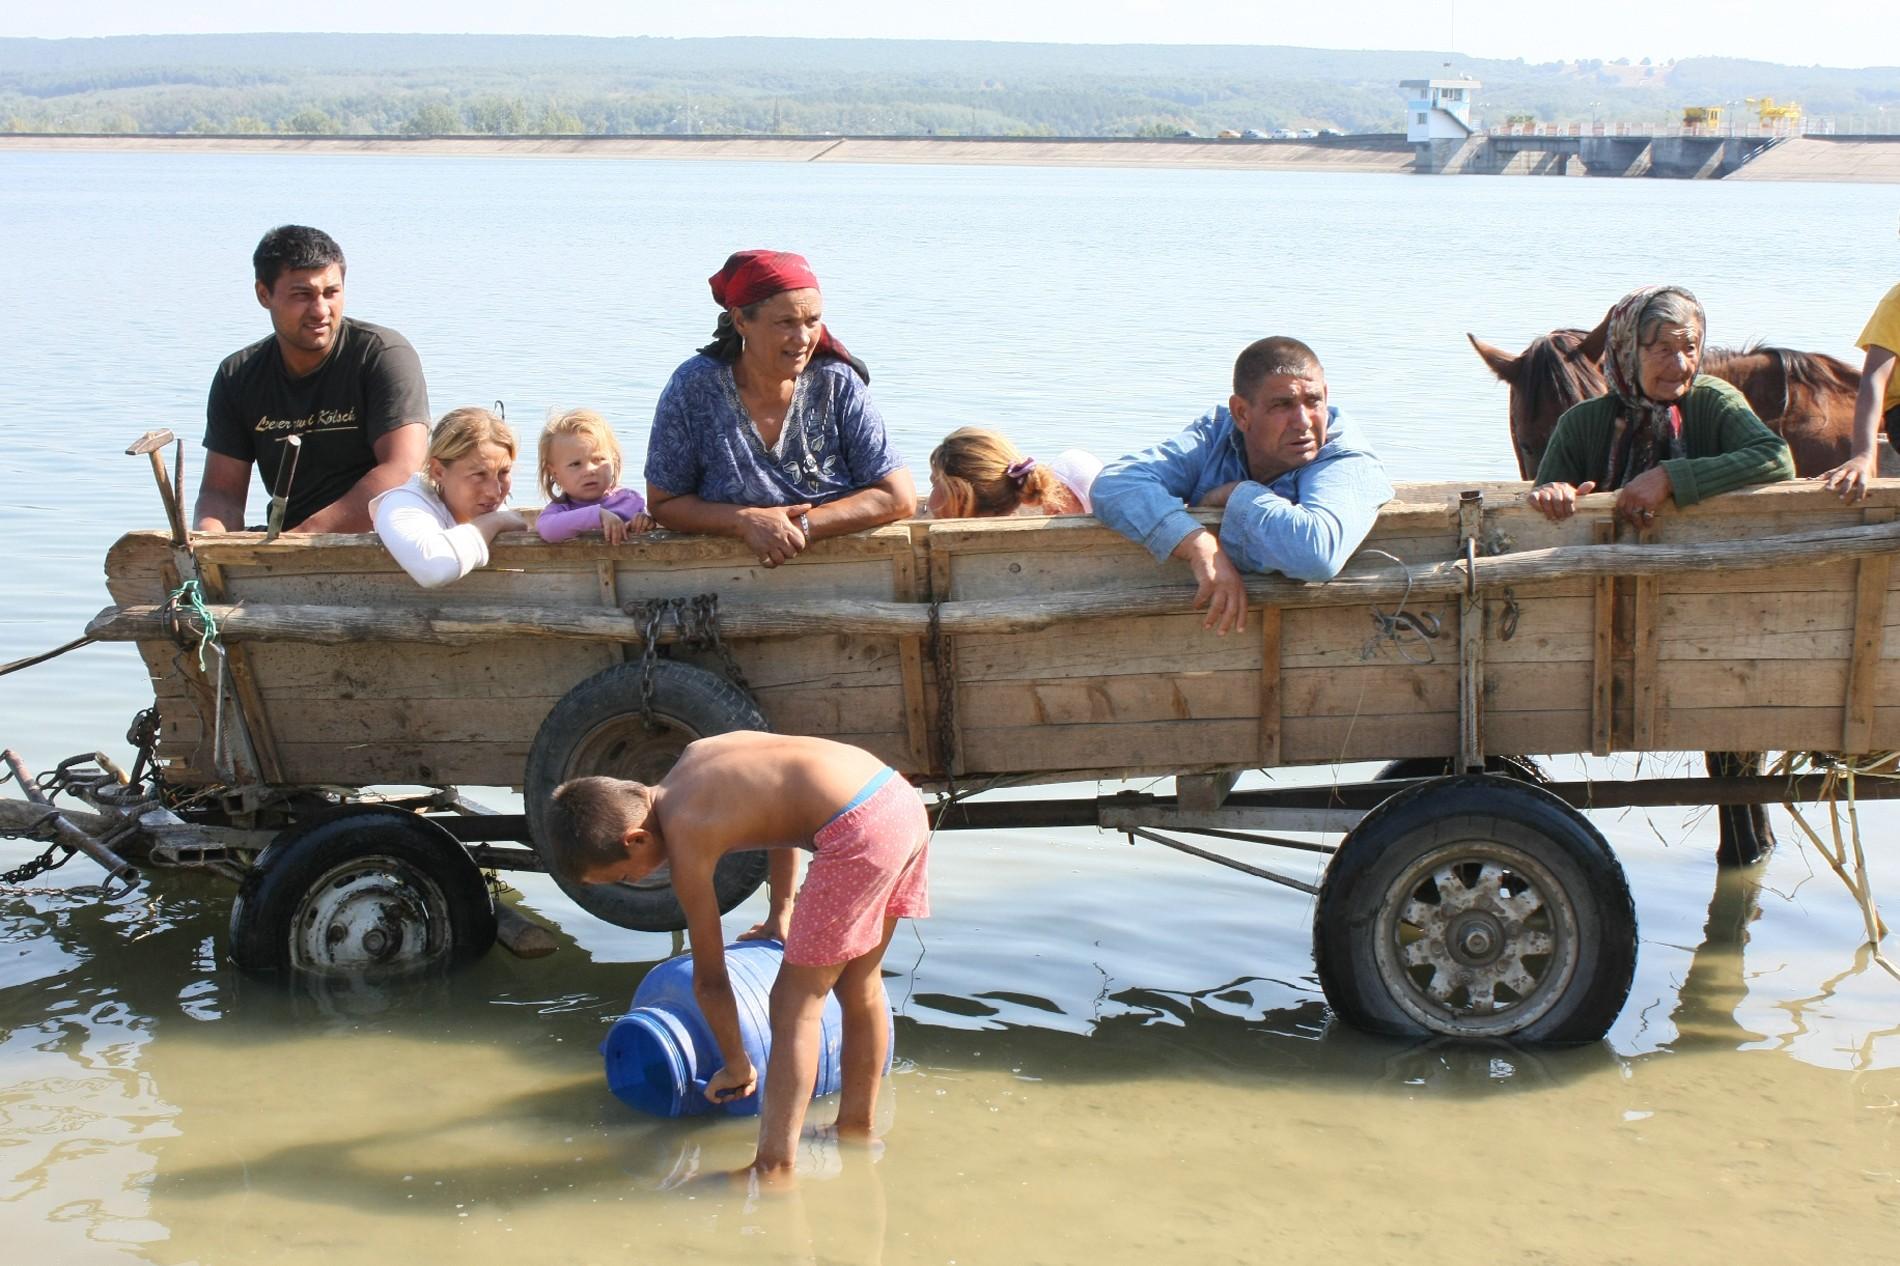 Trei din opt români beau apă nepotabilă. Cât de curată este apa în județul tău